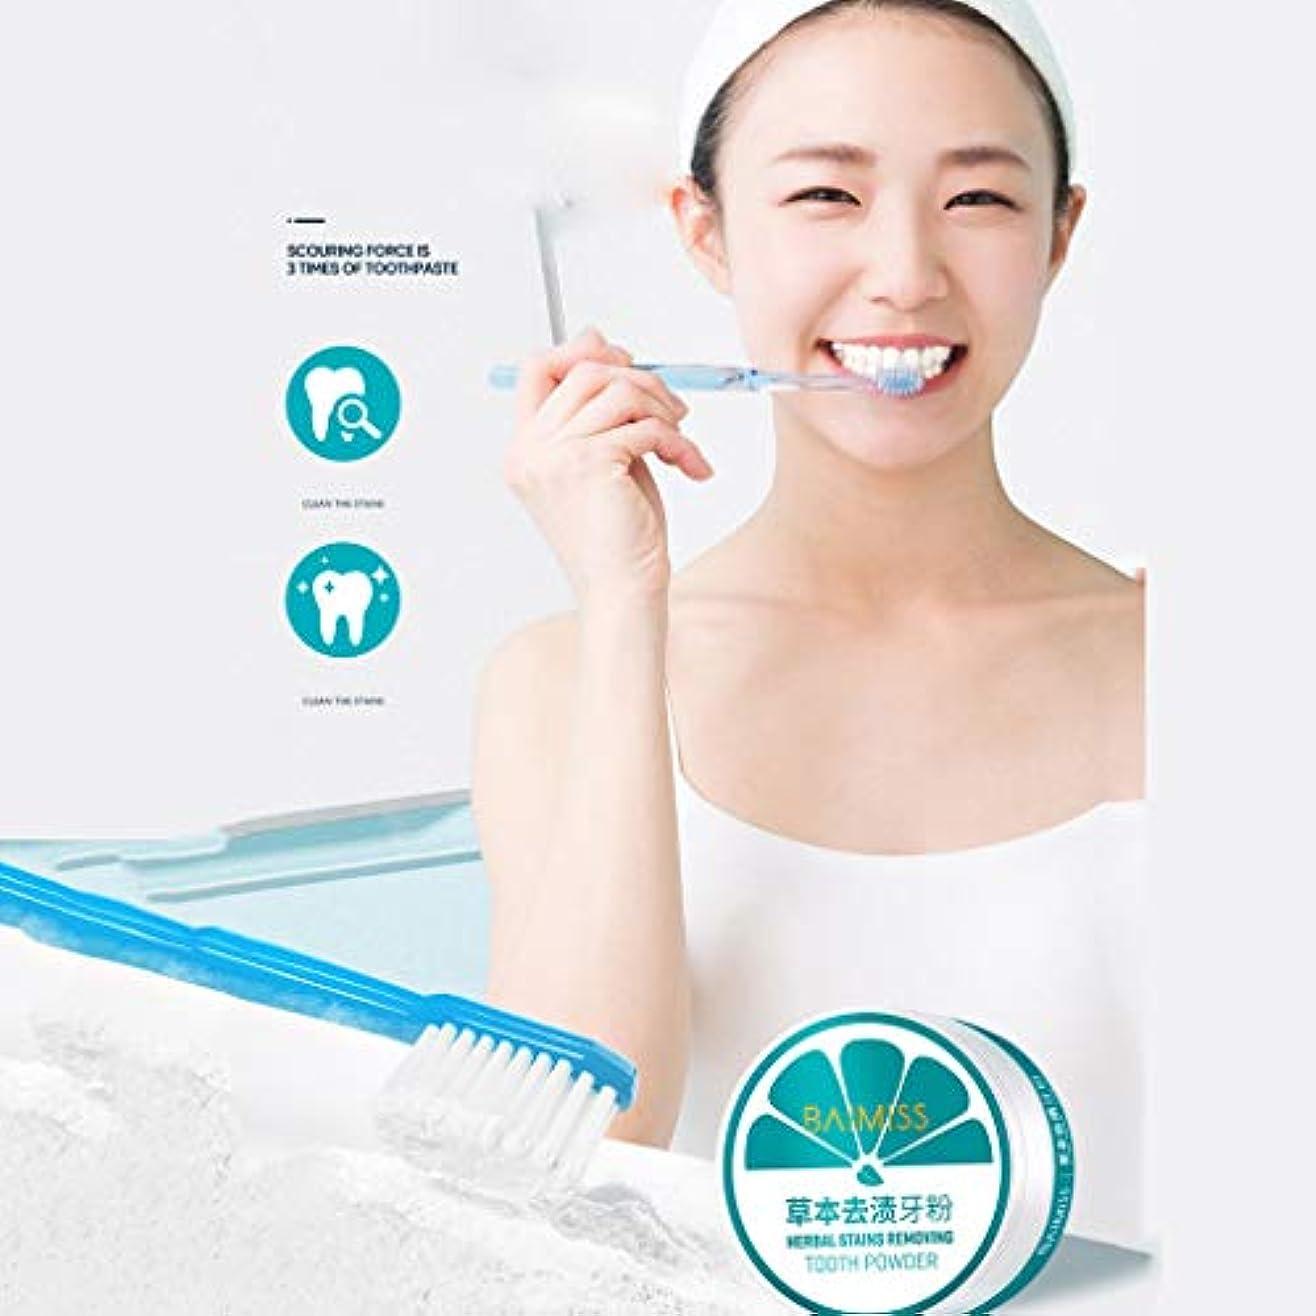 権限元気シェルDream ブラックニングパウダー 歯みがき 歯磨き粉 美白 むし歯予防 口臭防止 歯周病予防 天然ハーブエキス (ホワイト)